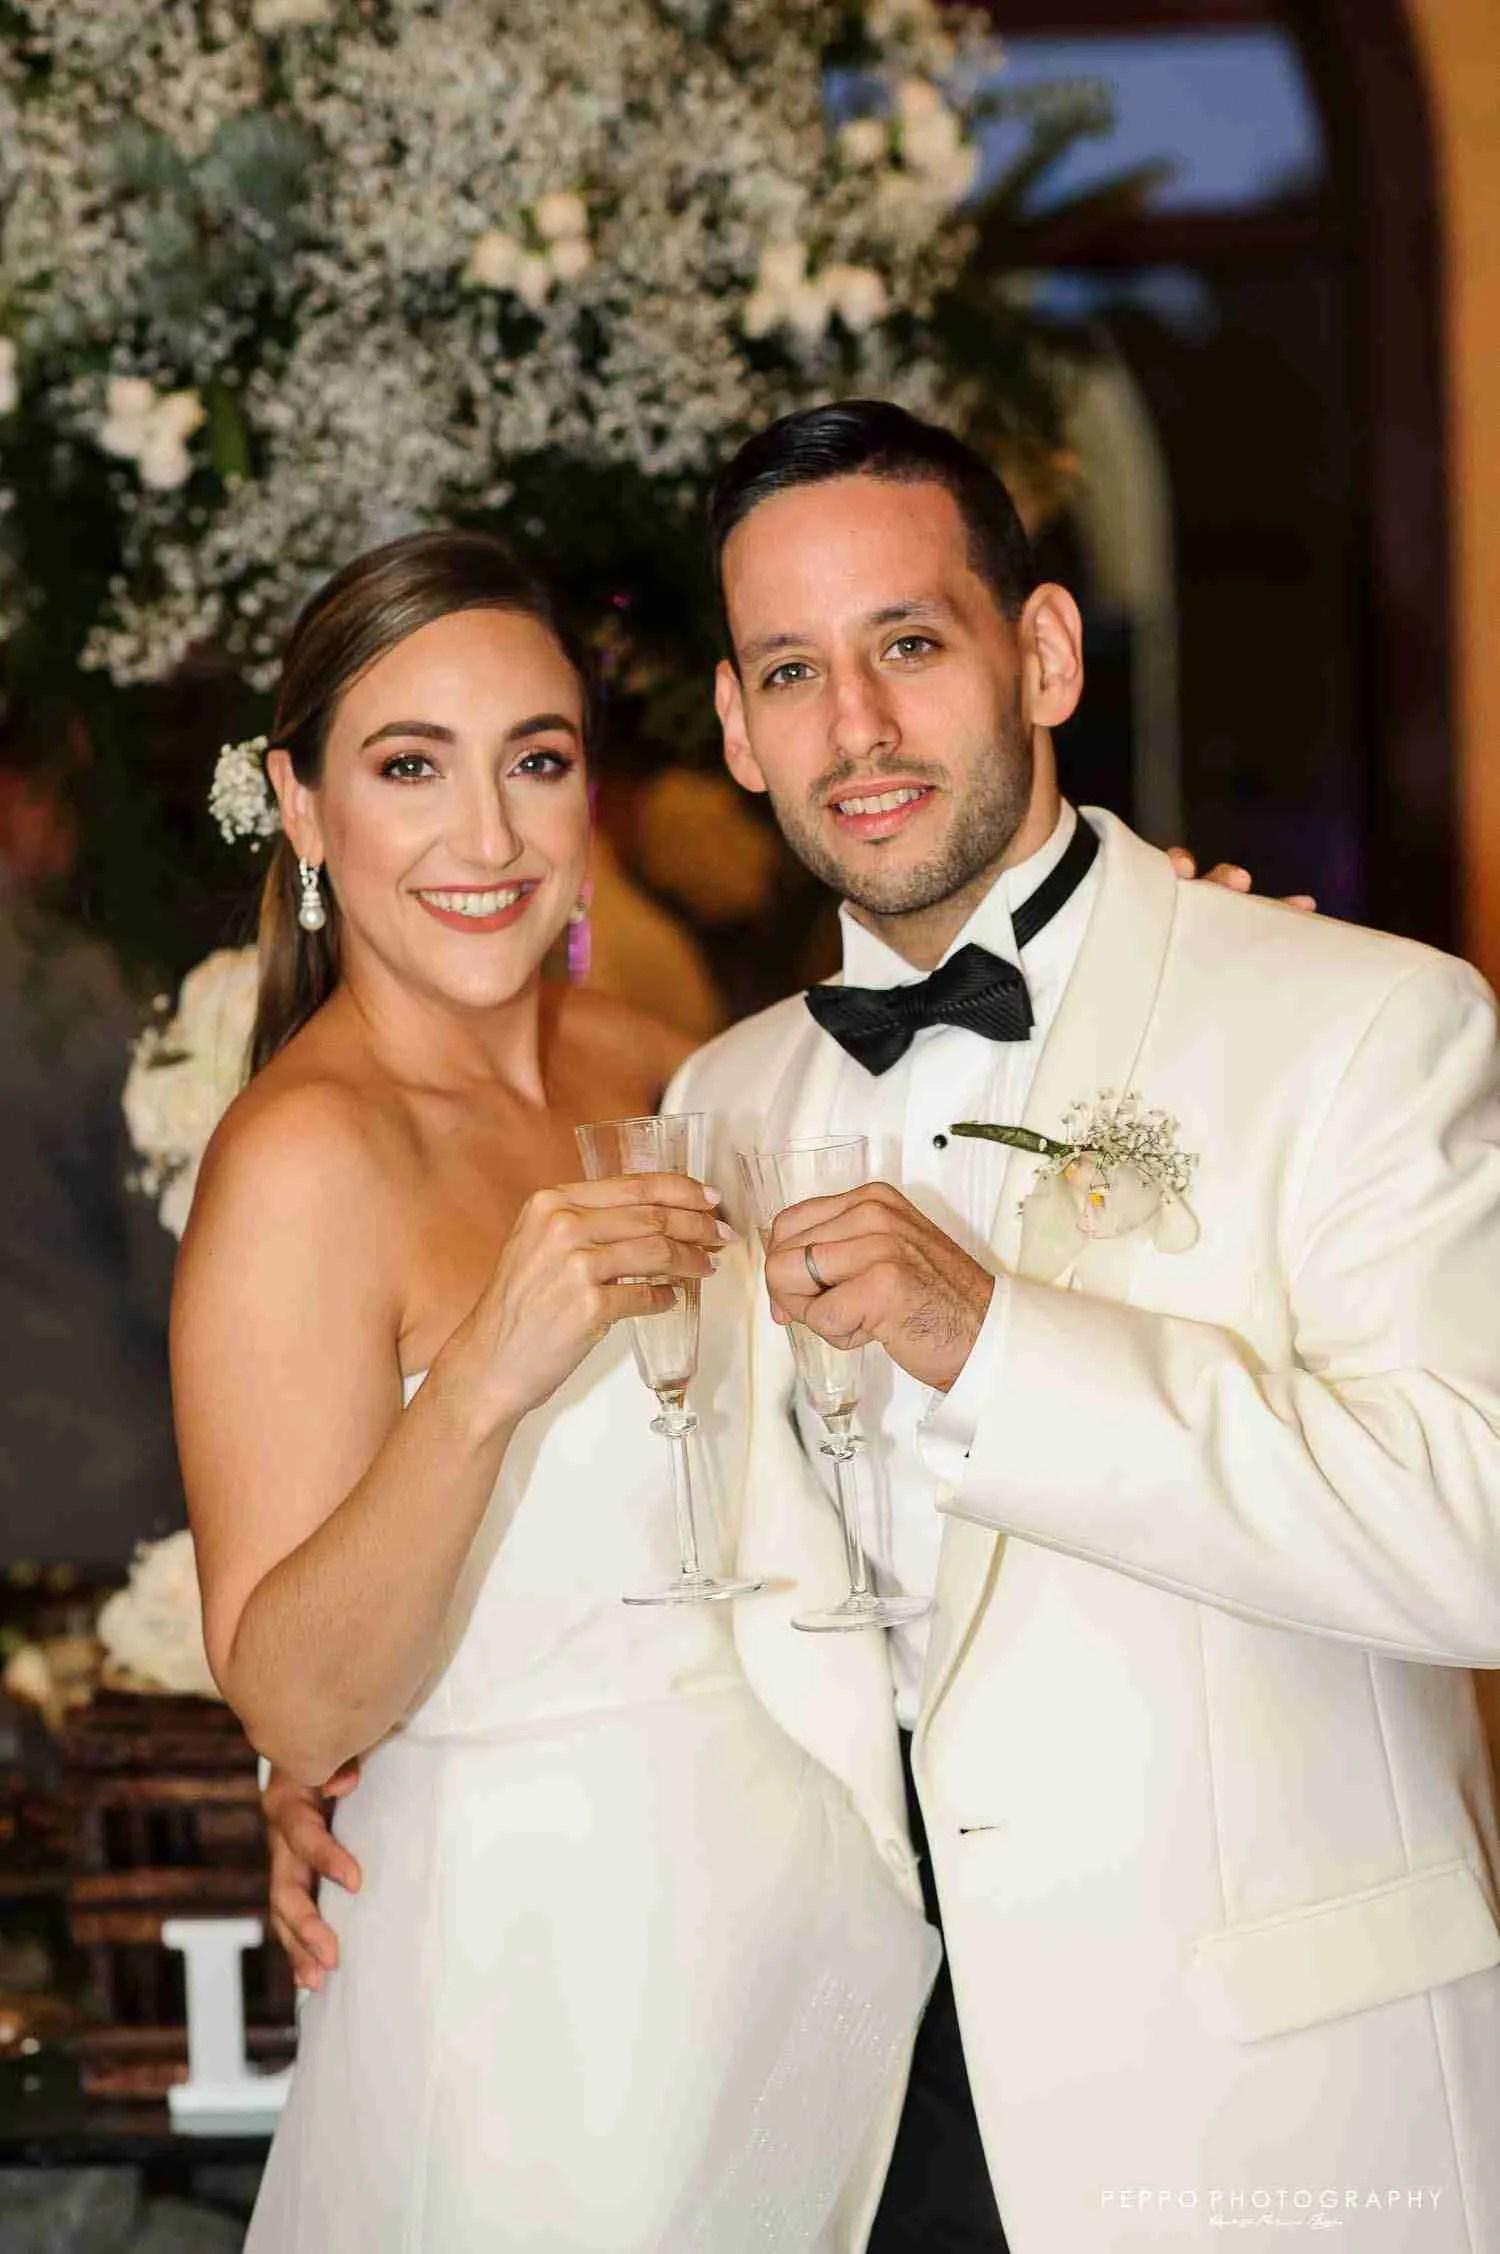 Cheers by Isabella & Felipe